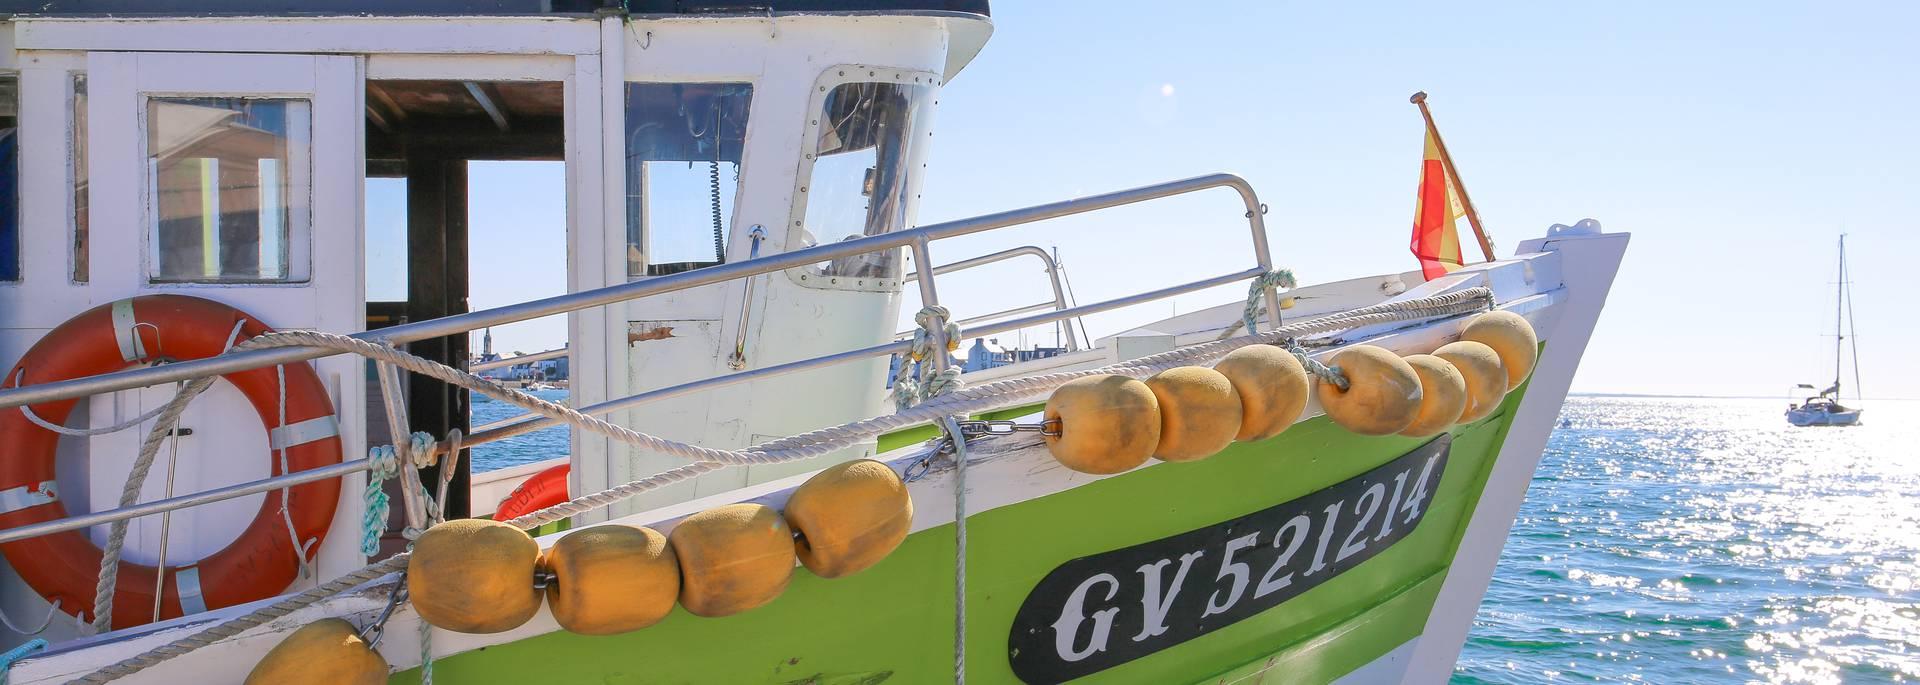 Balade en bateau en Pays Bigouden © E Cléret